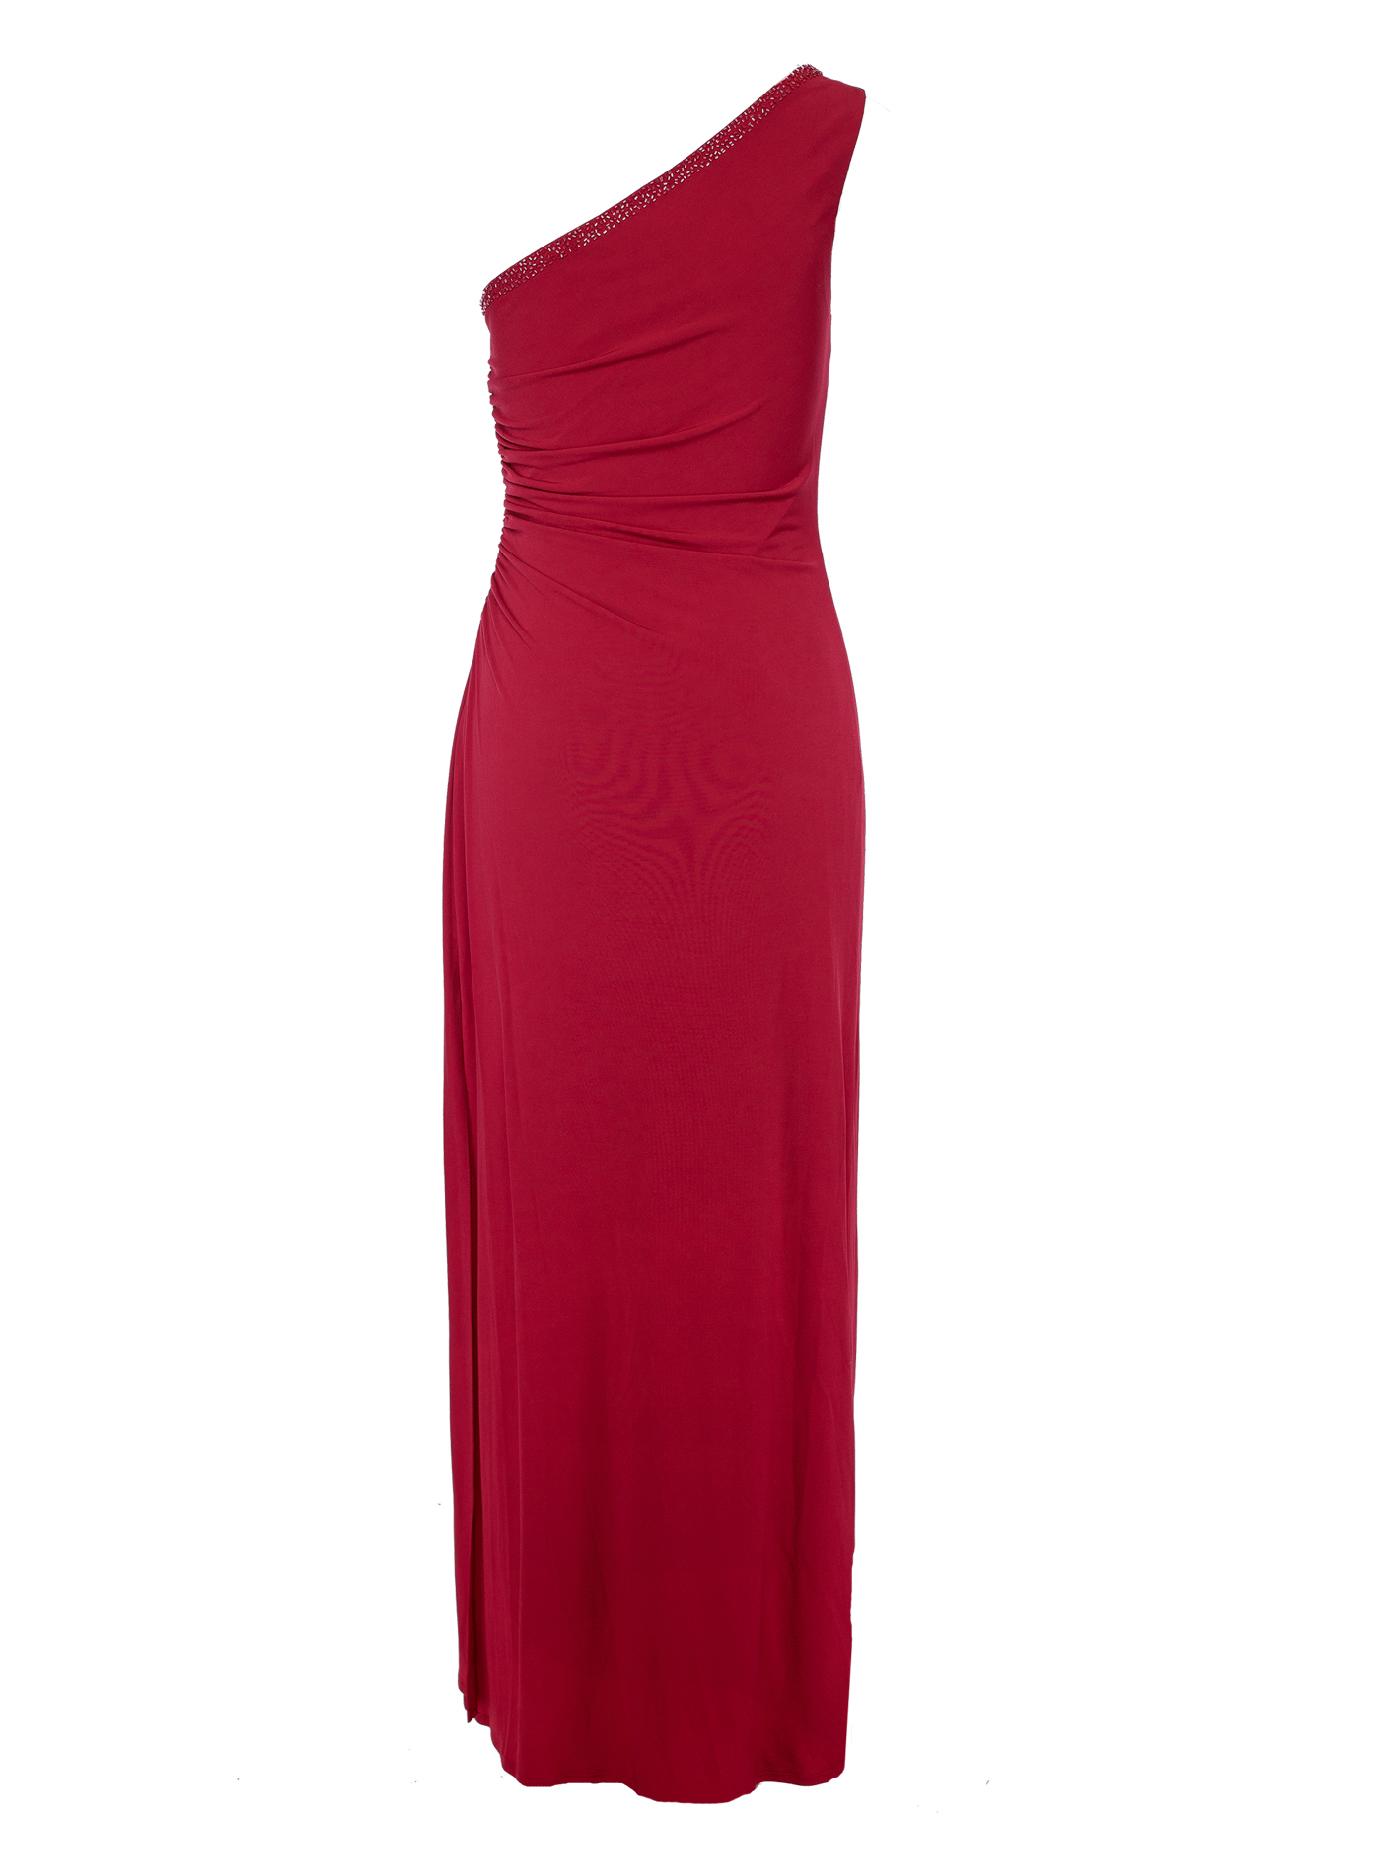 One Shoulder Long Red Cocktail Dress